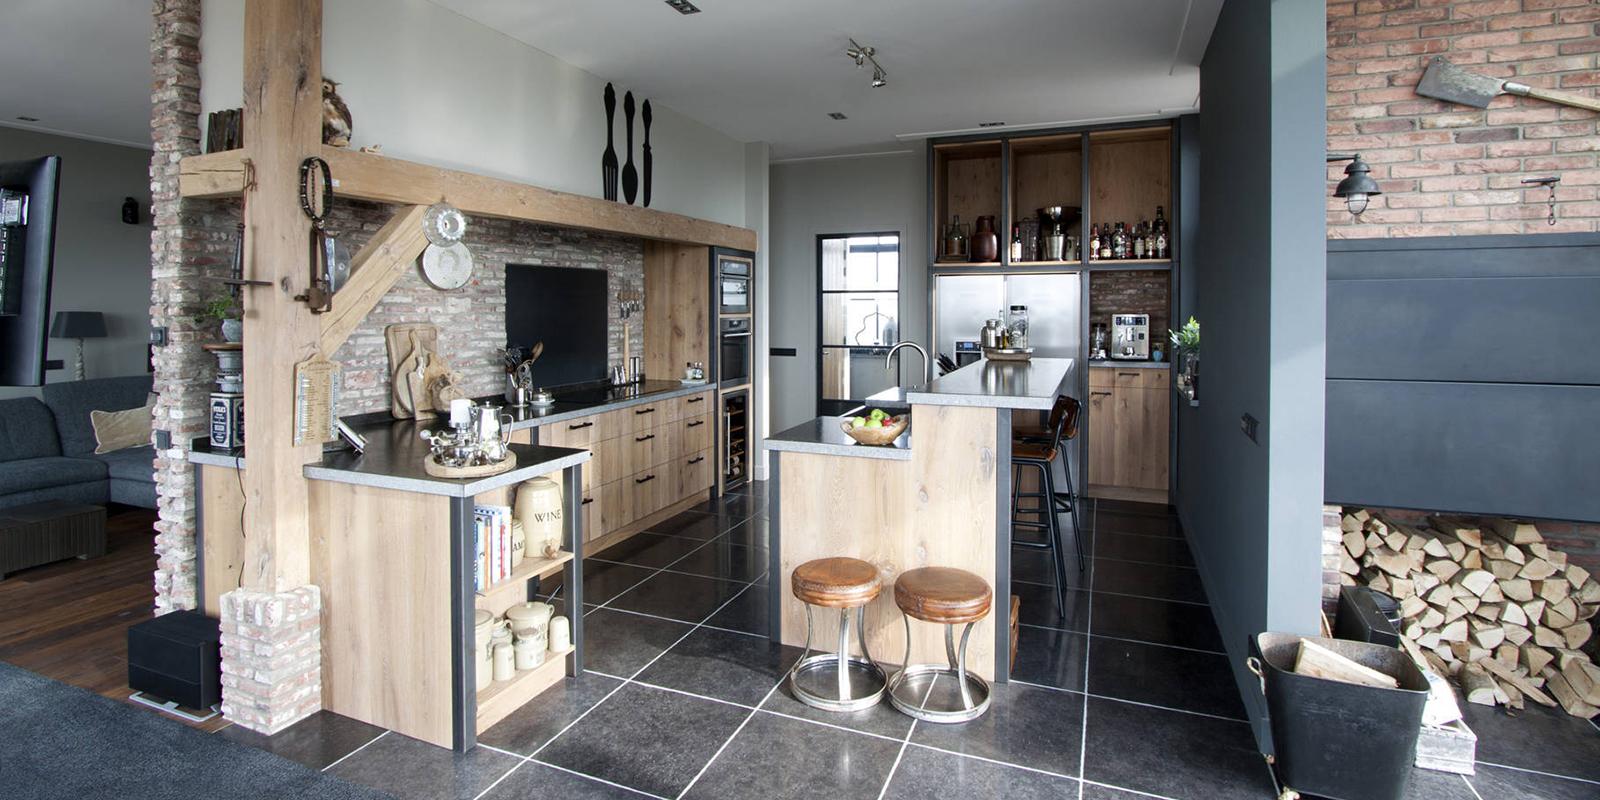 Stoere keuken, Dauby deurbeslag, industrieel, hout, staal, robuust